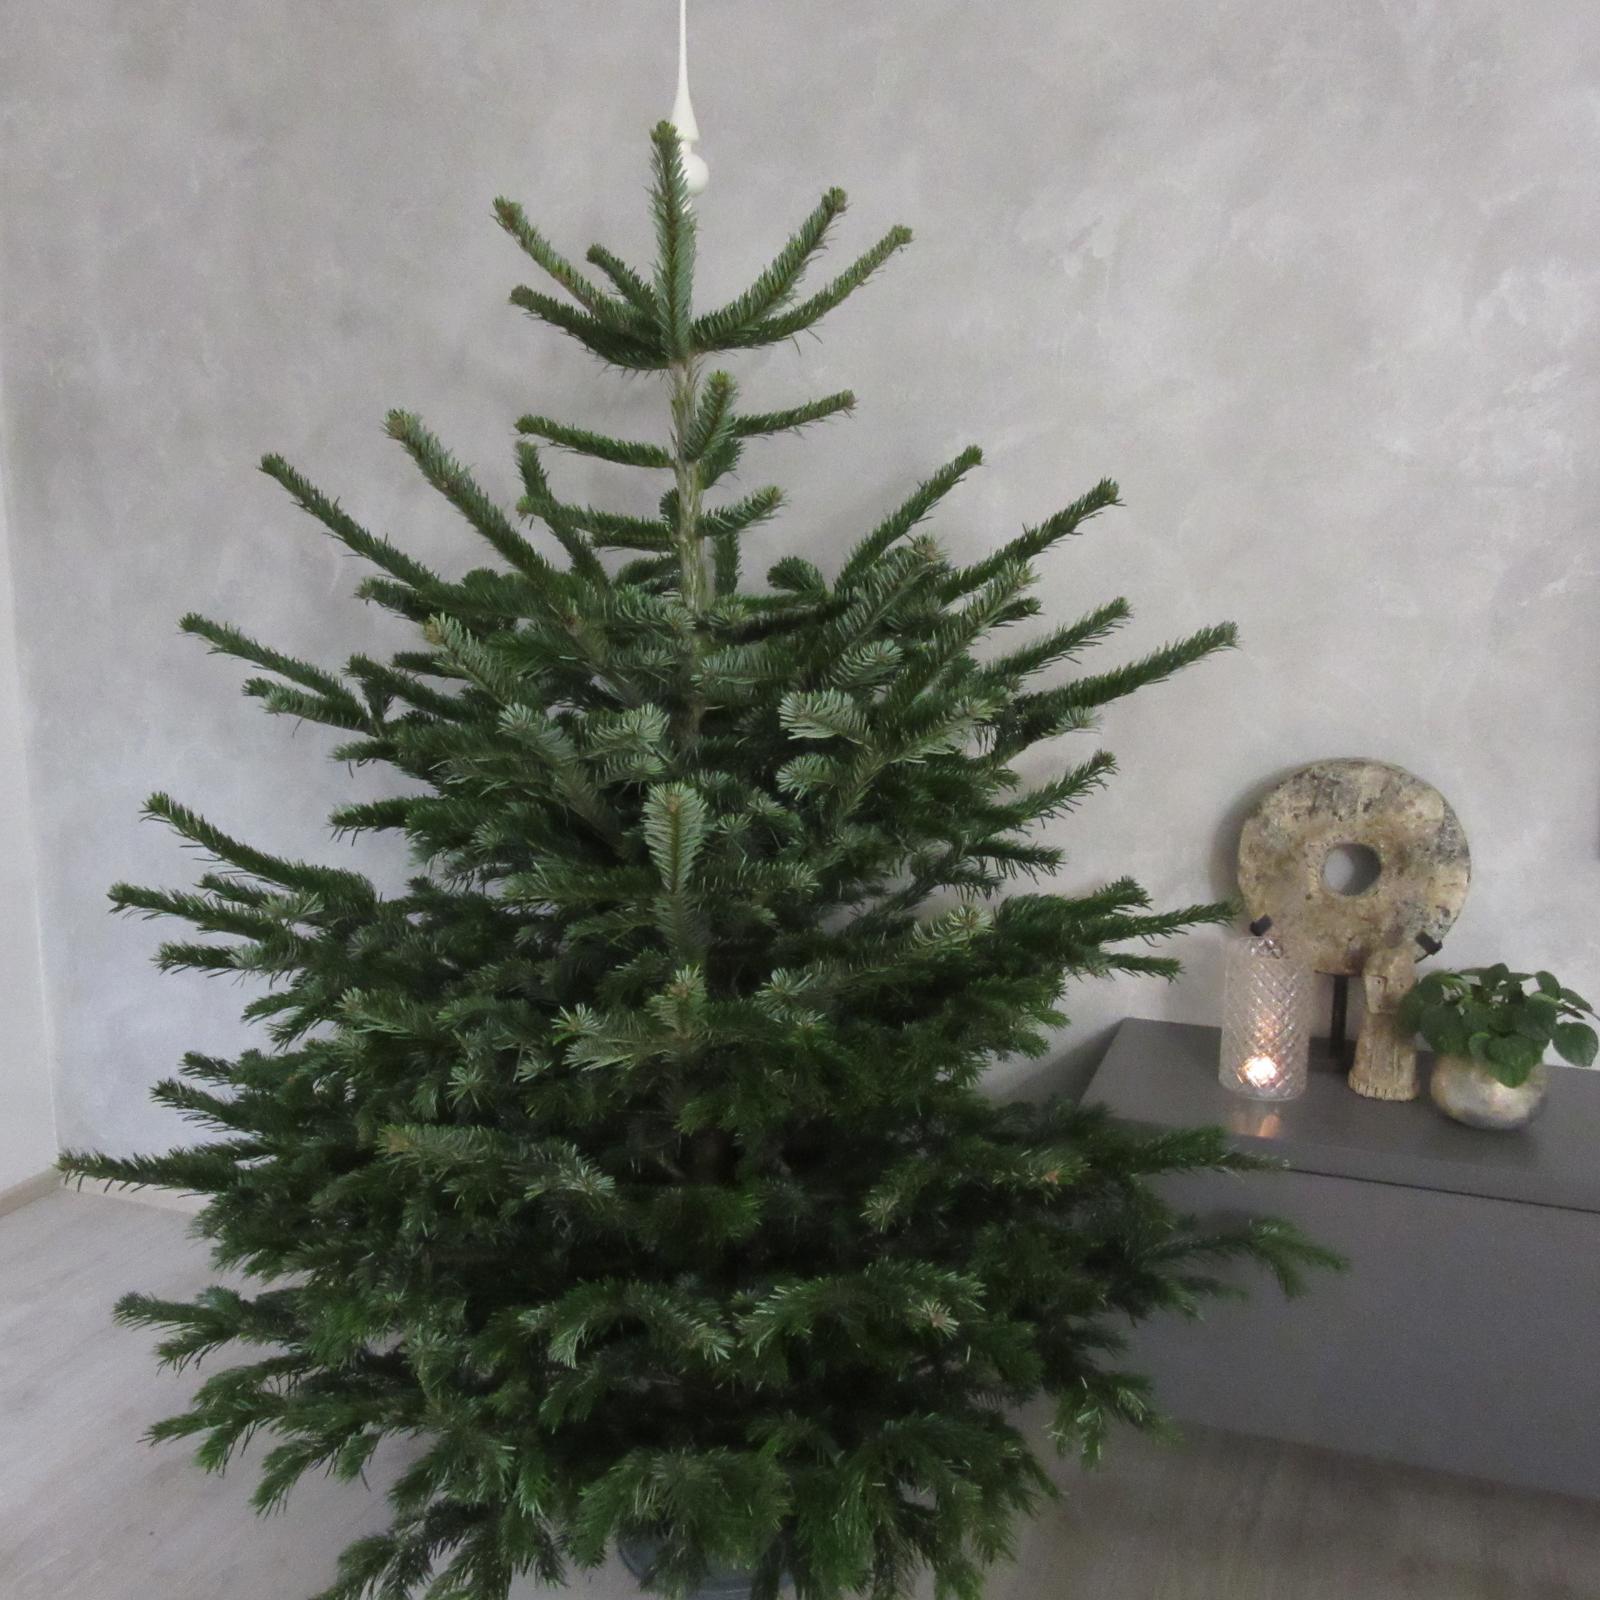 Advent a čas vánoční 2020 - u nás zatím ve stojanu, čeká na zdobení:)